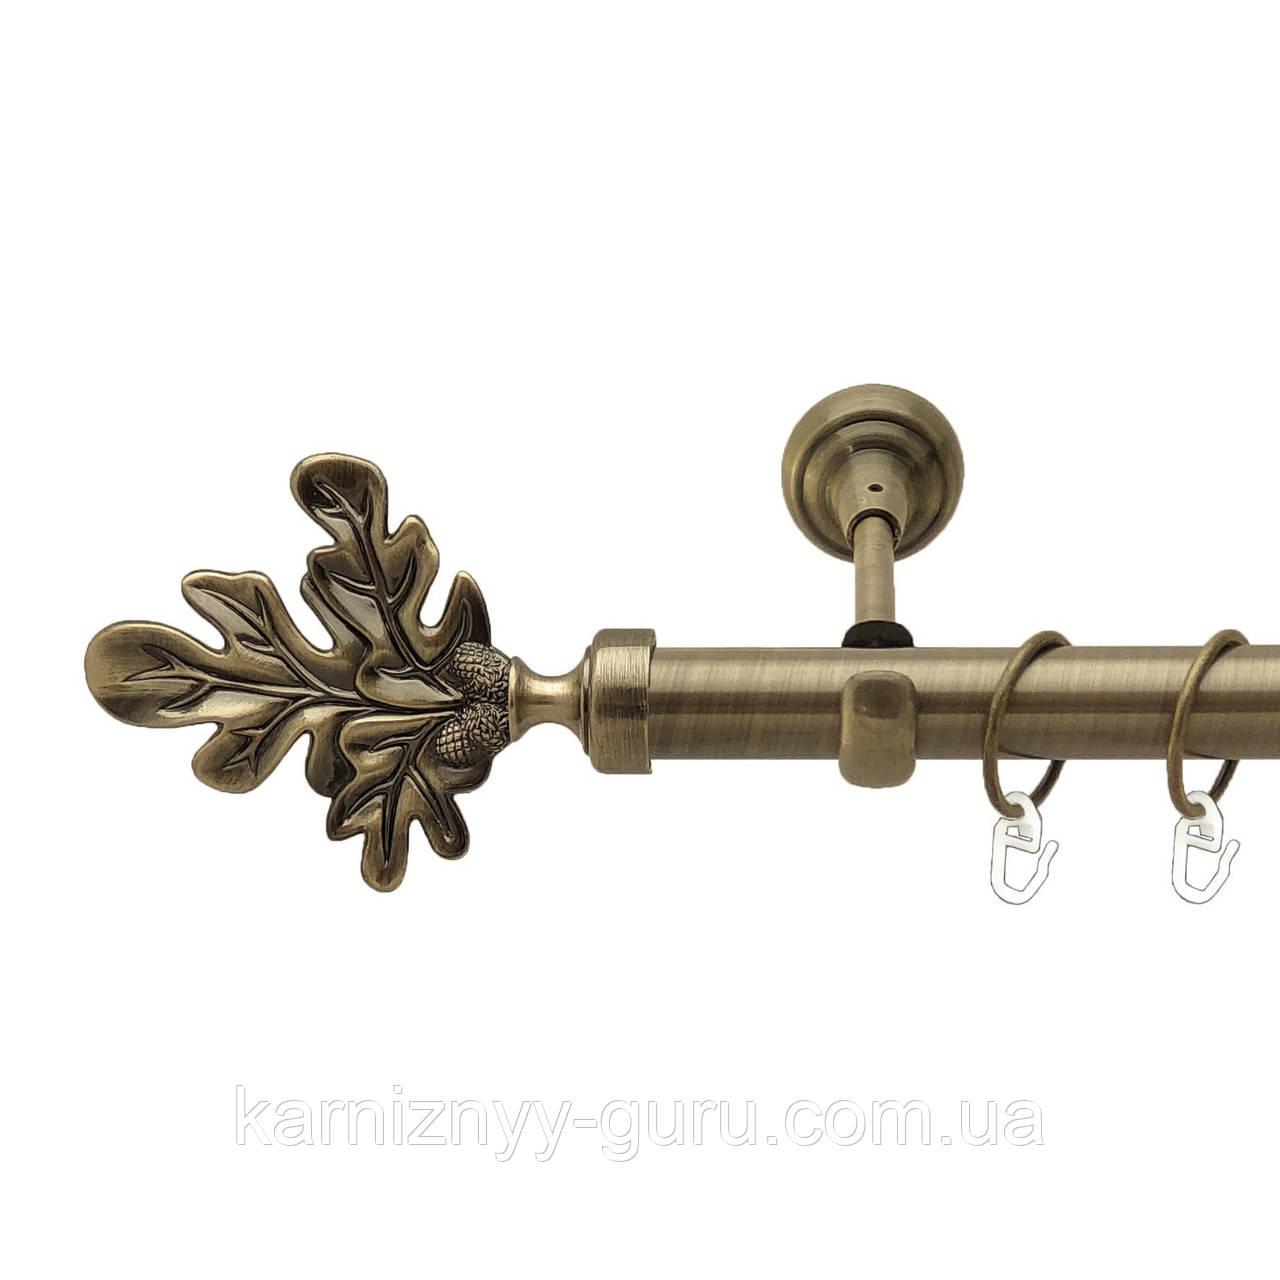 Карниз для штор ø 25 мм, одинарный, наконечник Лист дуба